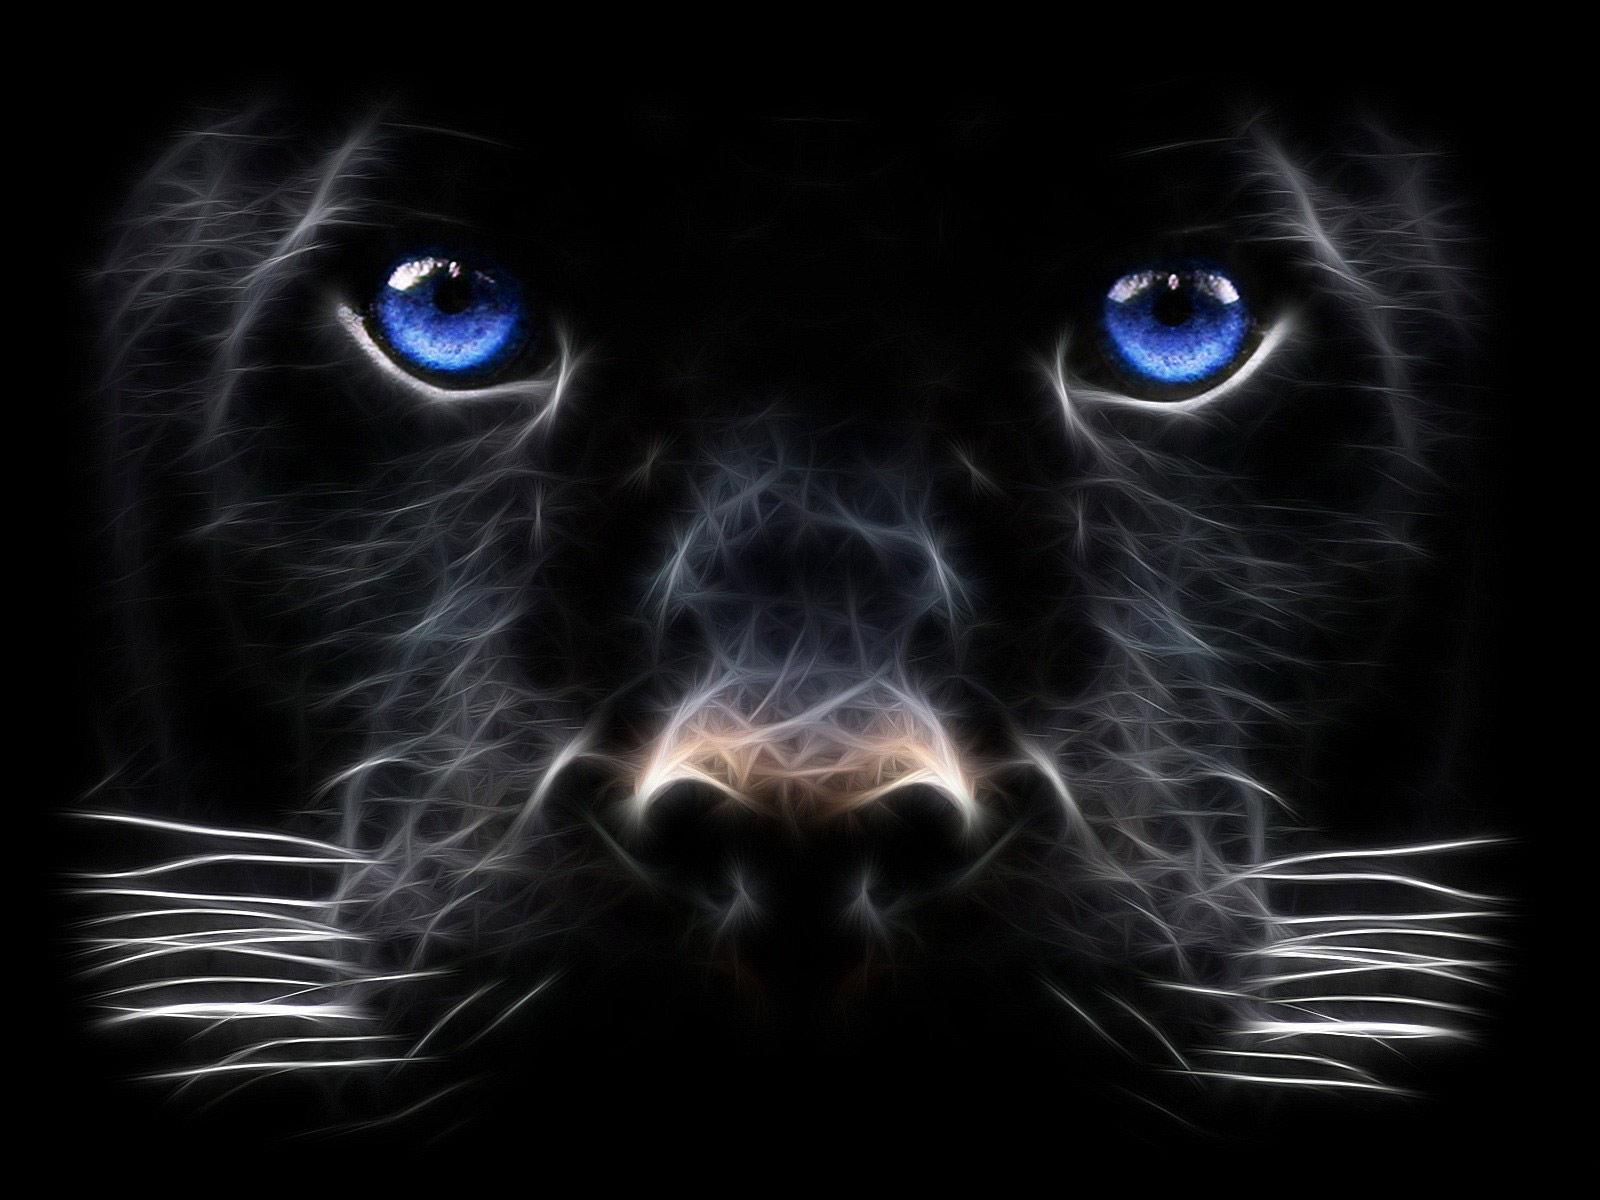 Black Panther Big Cat Digital Art HD Wallpaper Walls 9 1600x1200